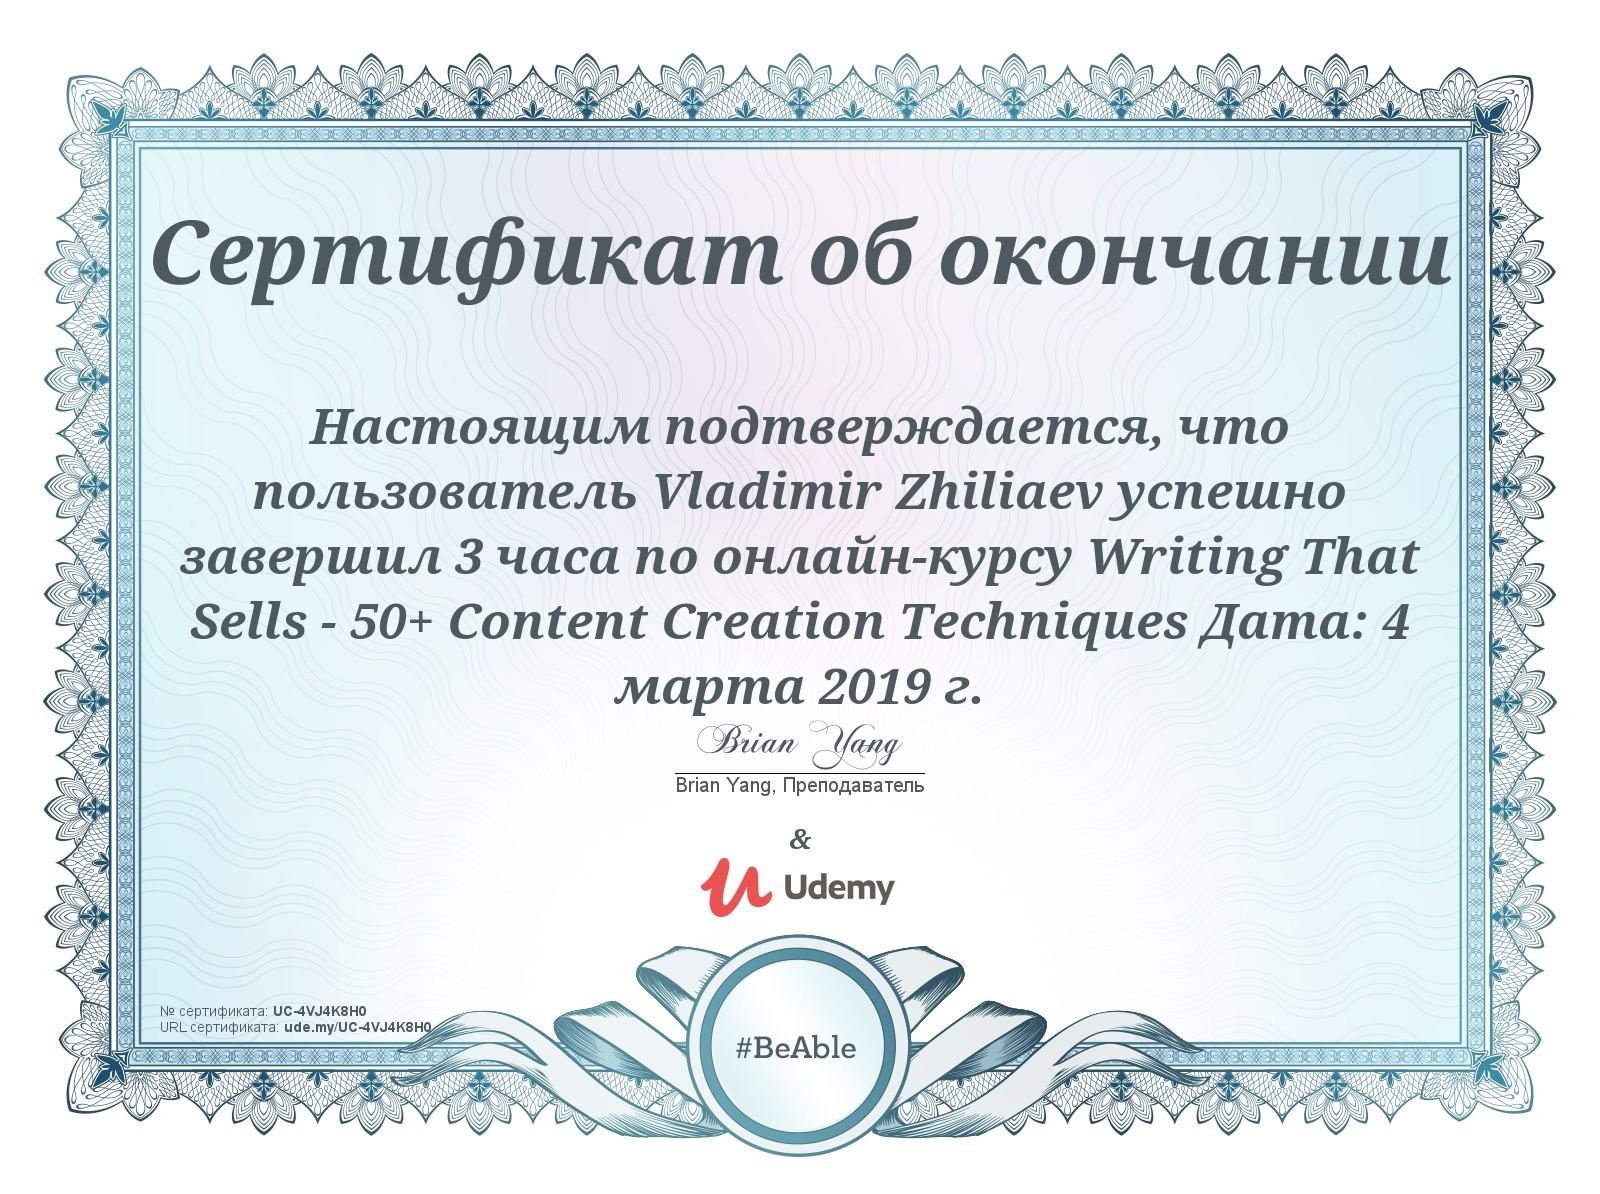 сертификат курса по копирайтингу Владимир Жиляев